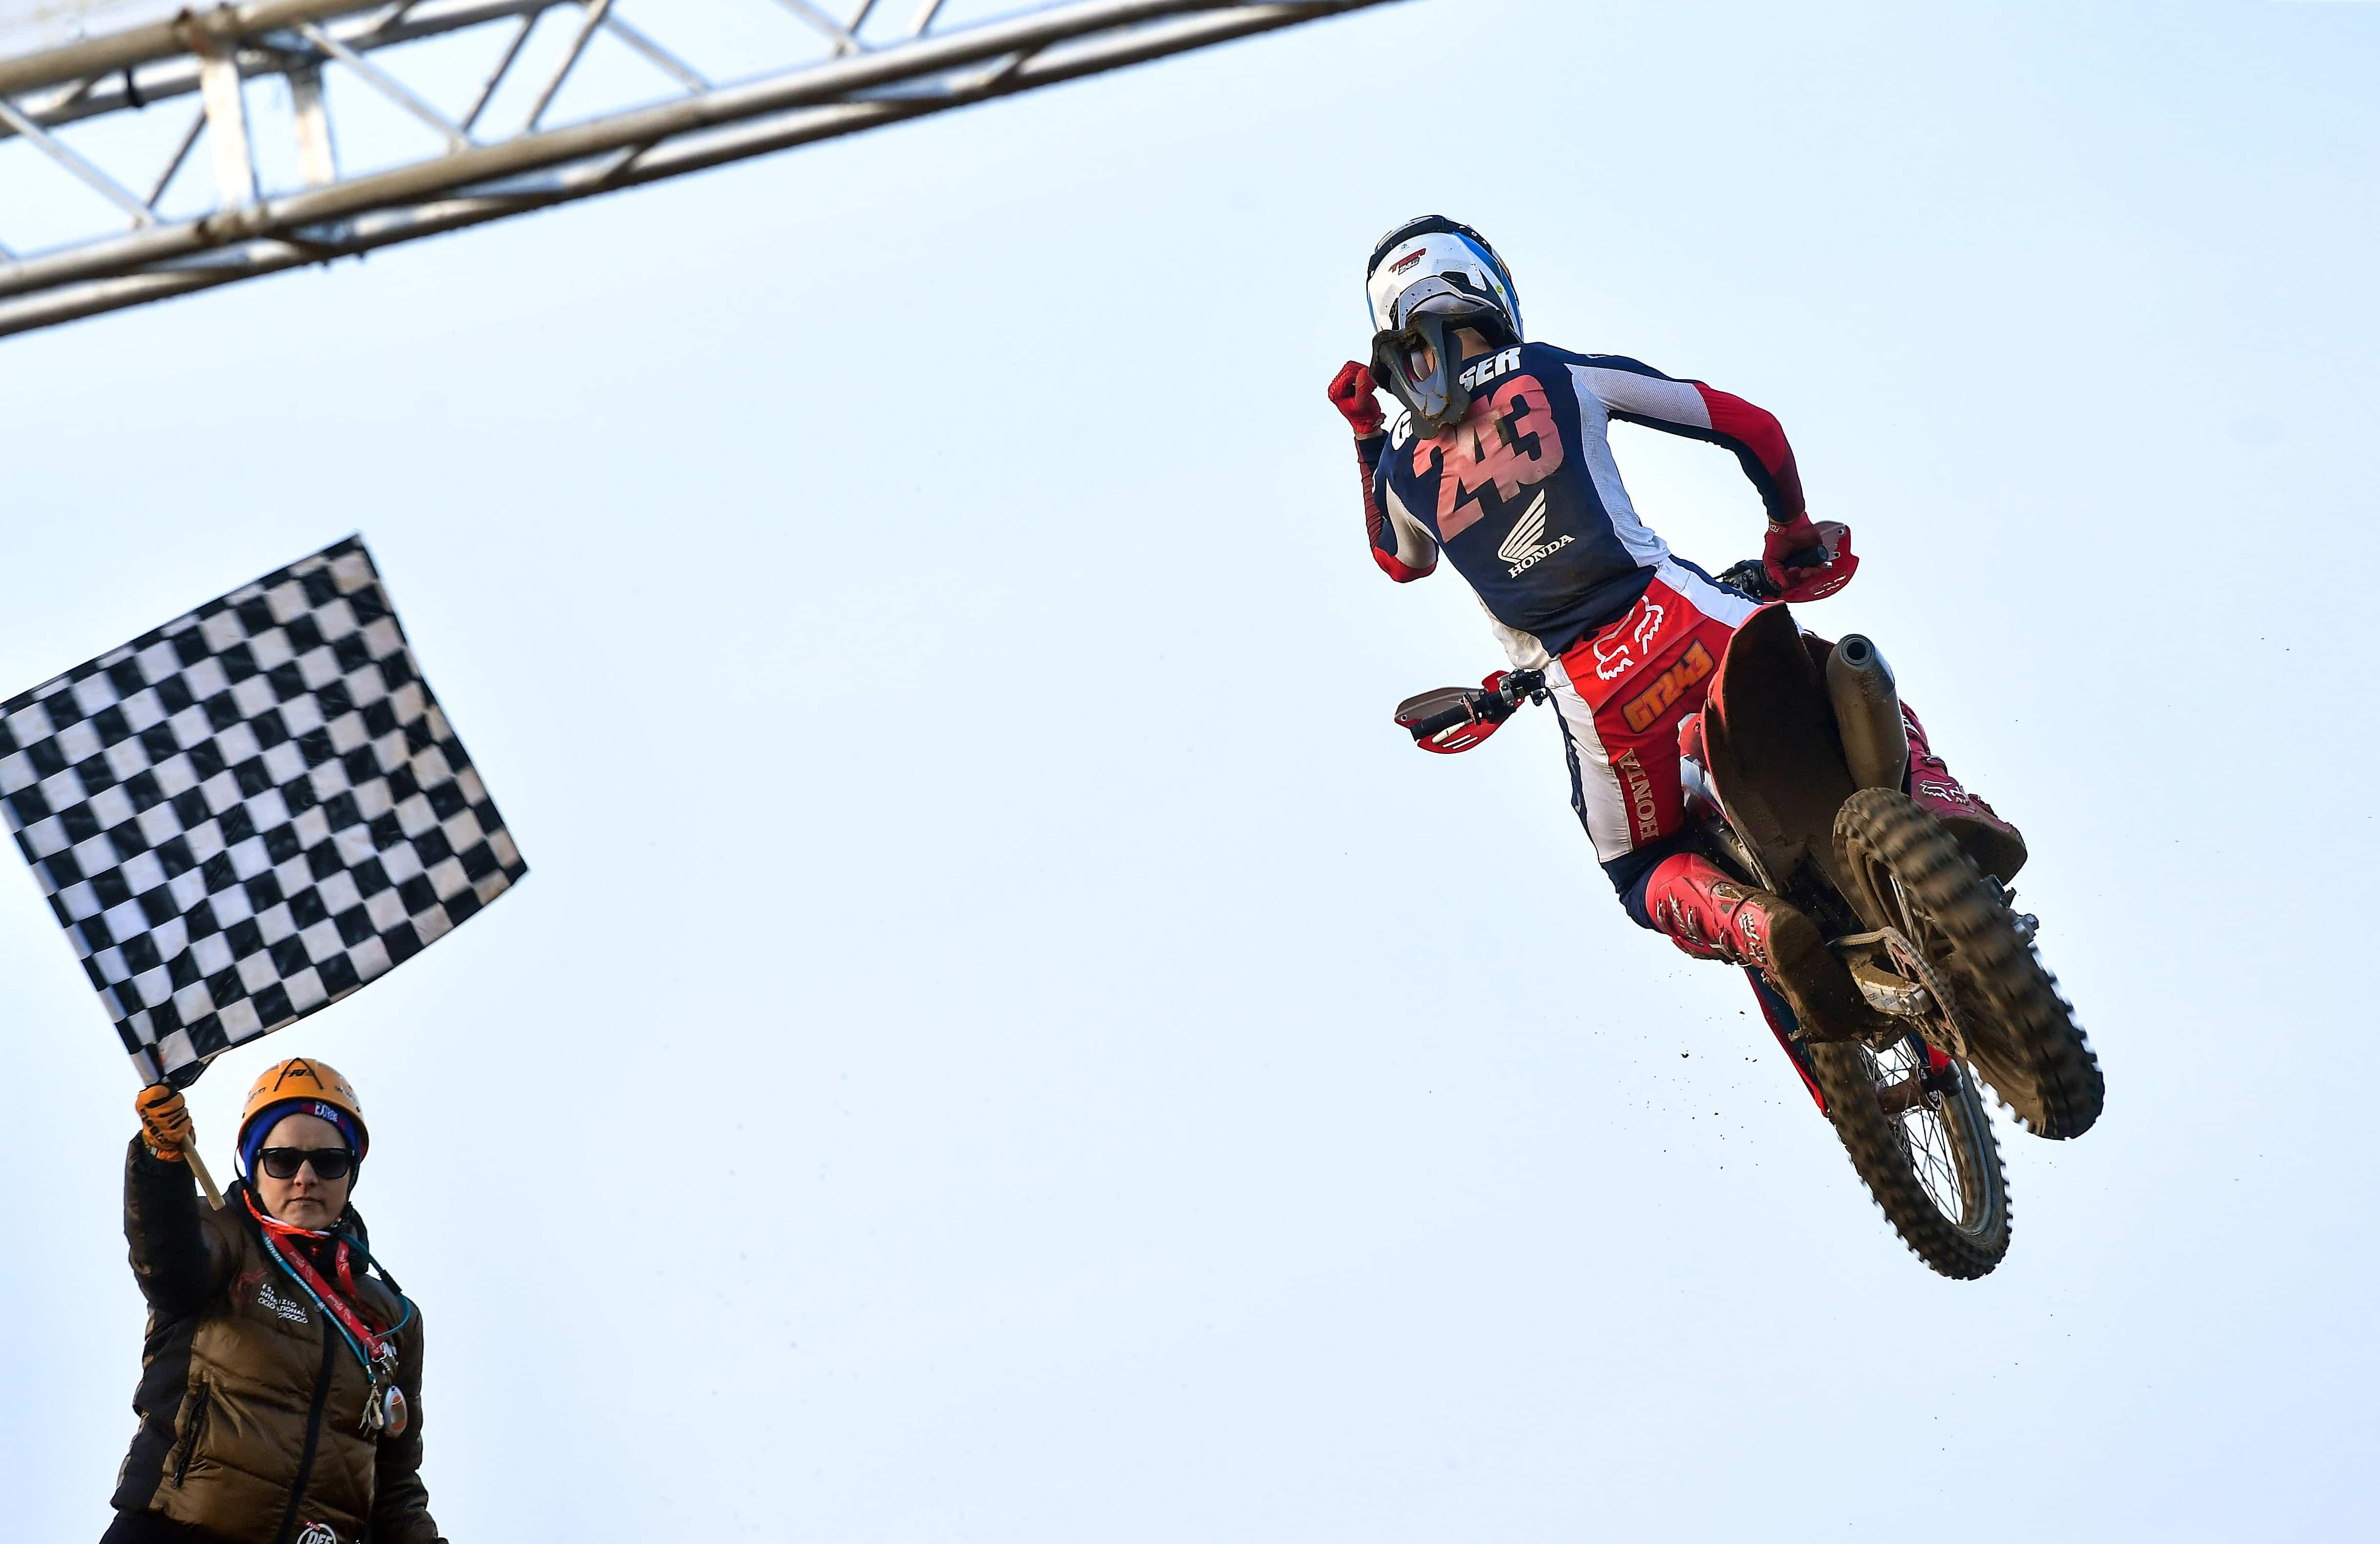 モトクロスイタリア選手権 第2ラウンドでPirelliタイヤがMX1、MX2、スーパーカンピオーネクラスを制覇